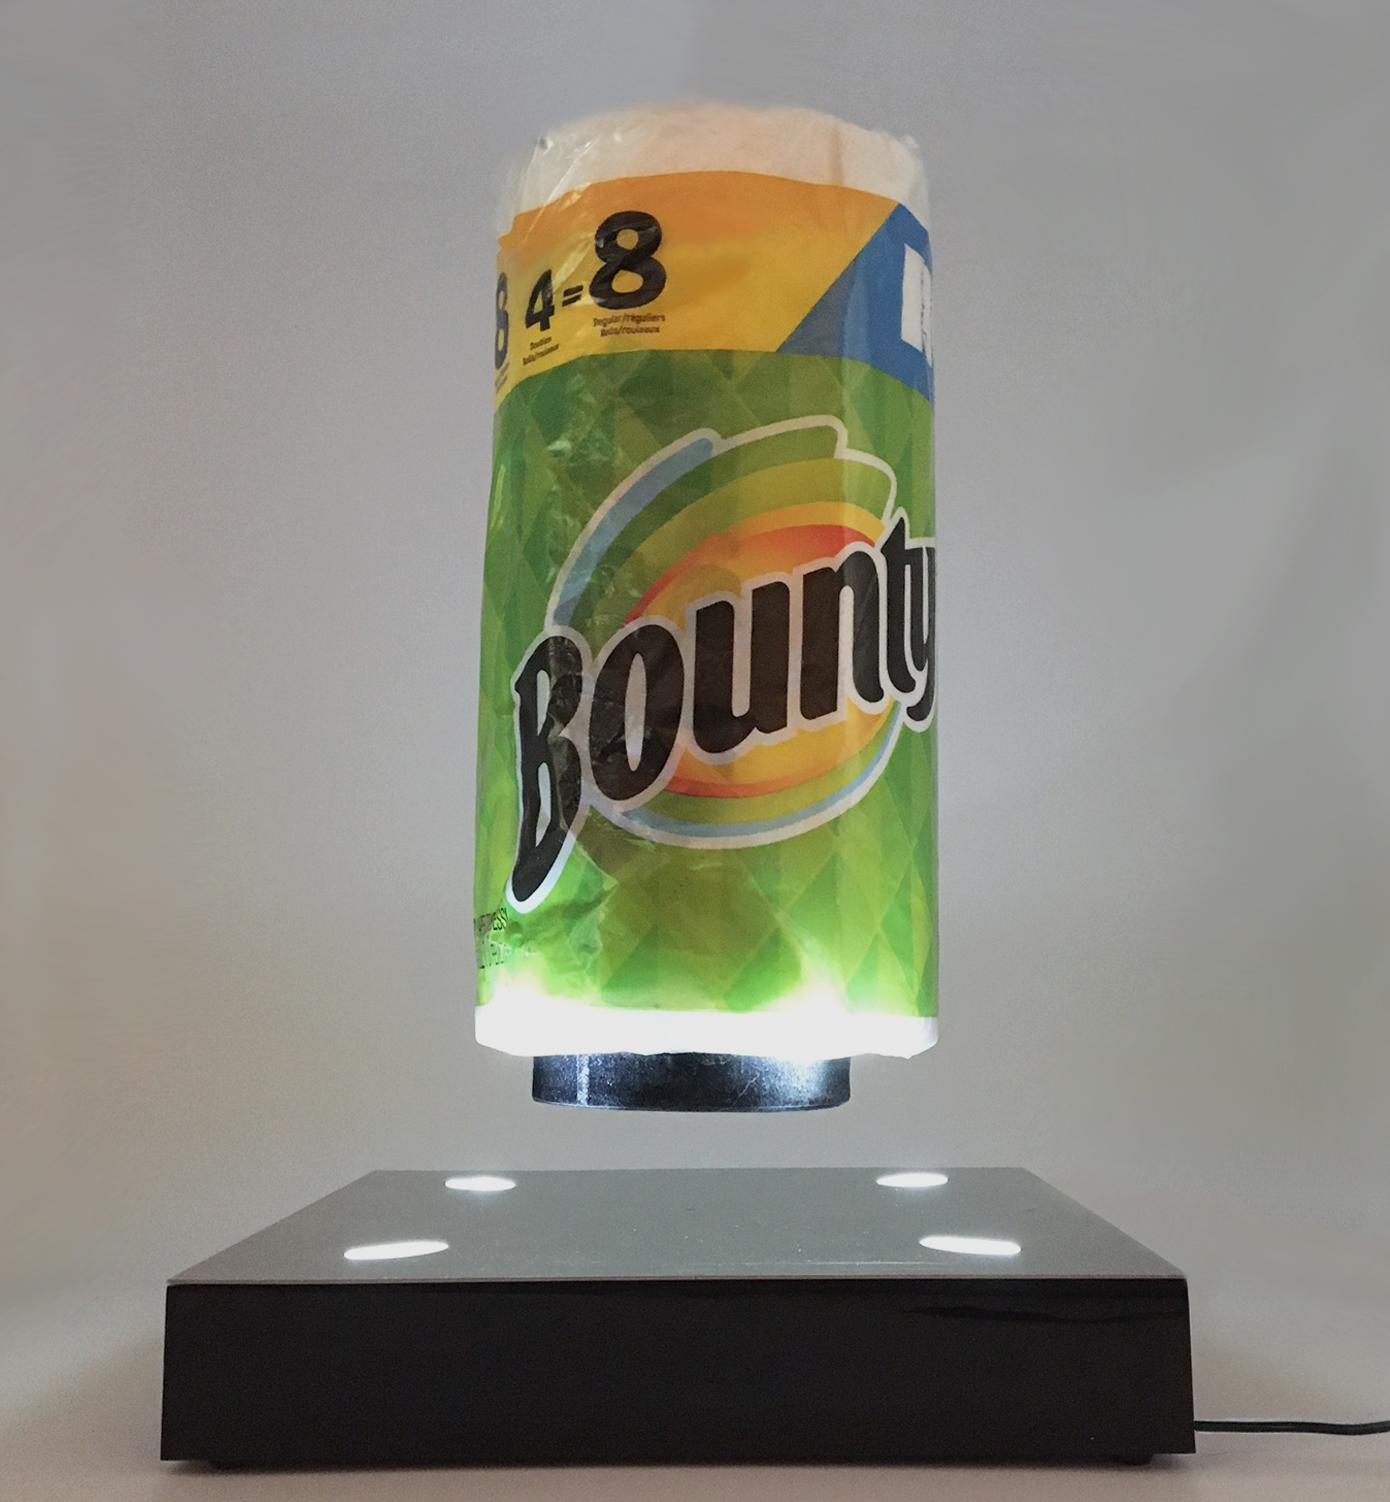 MegaLev-Bounty